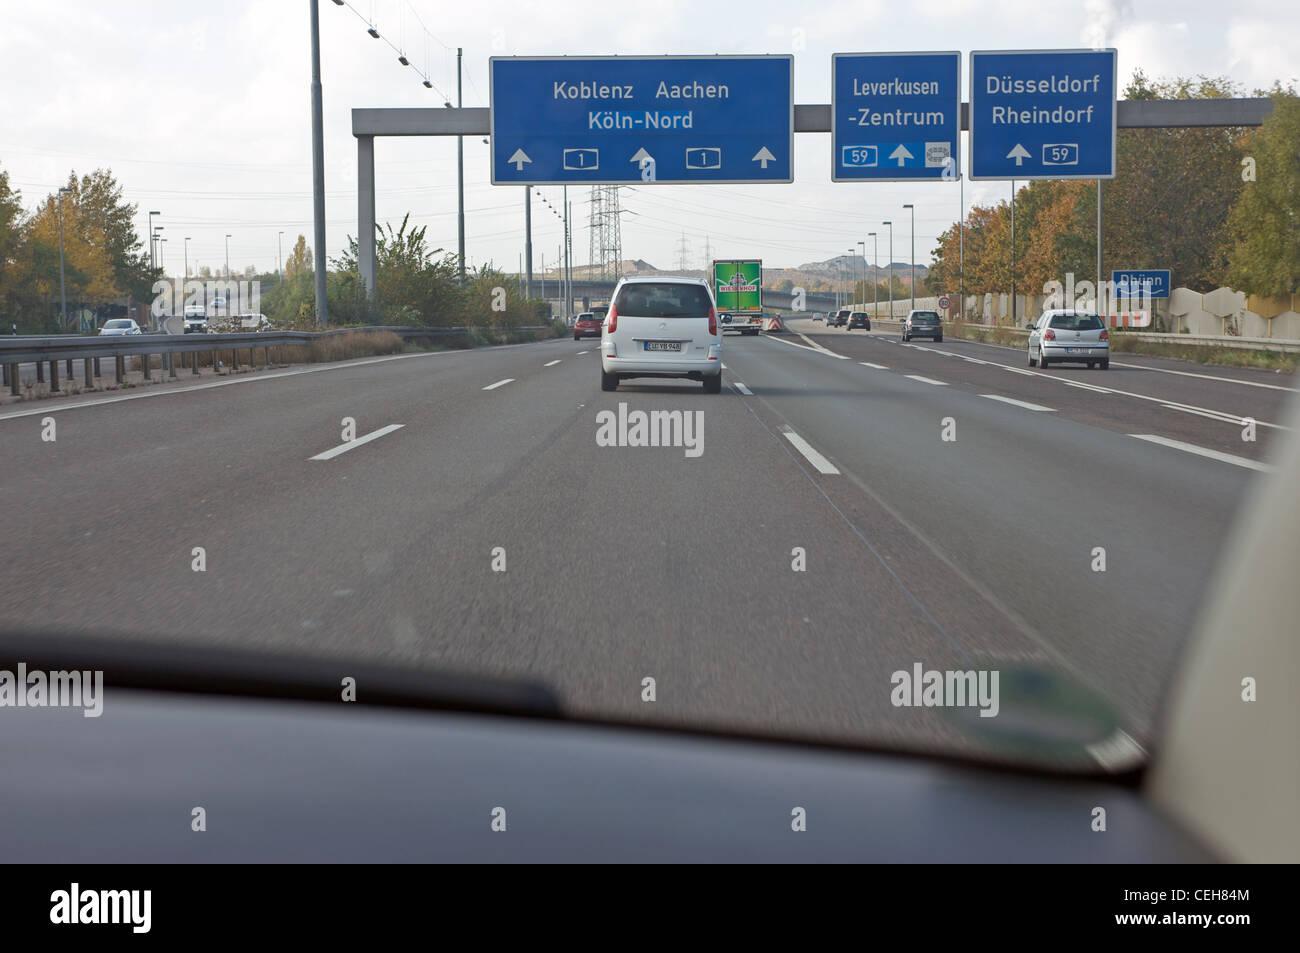 Autobahn Leverkusen